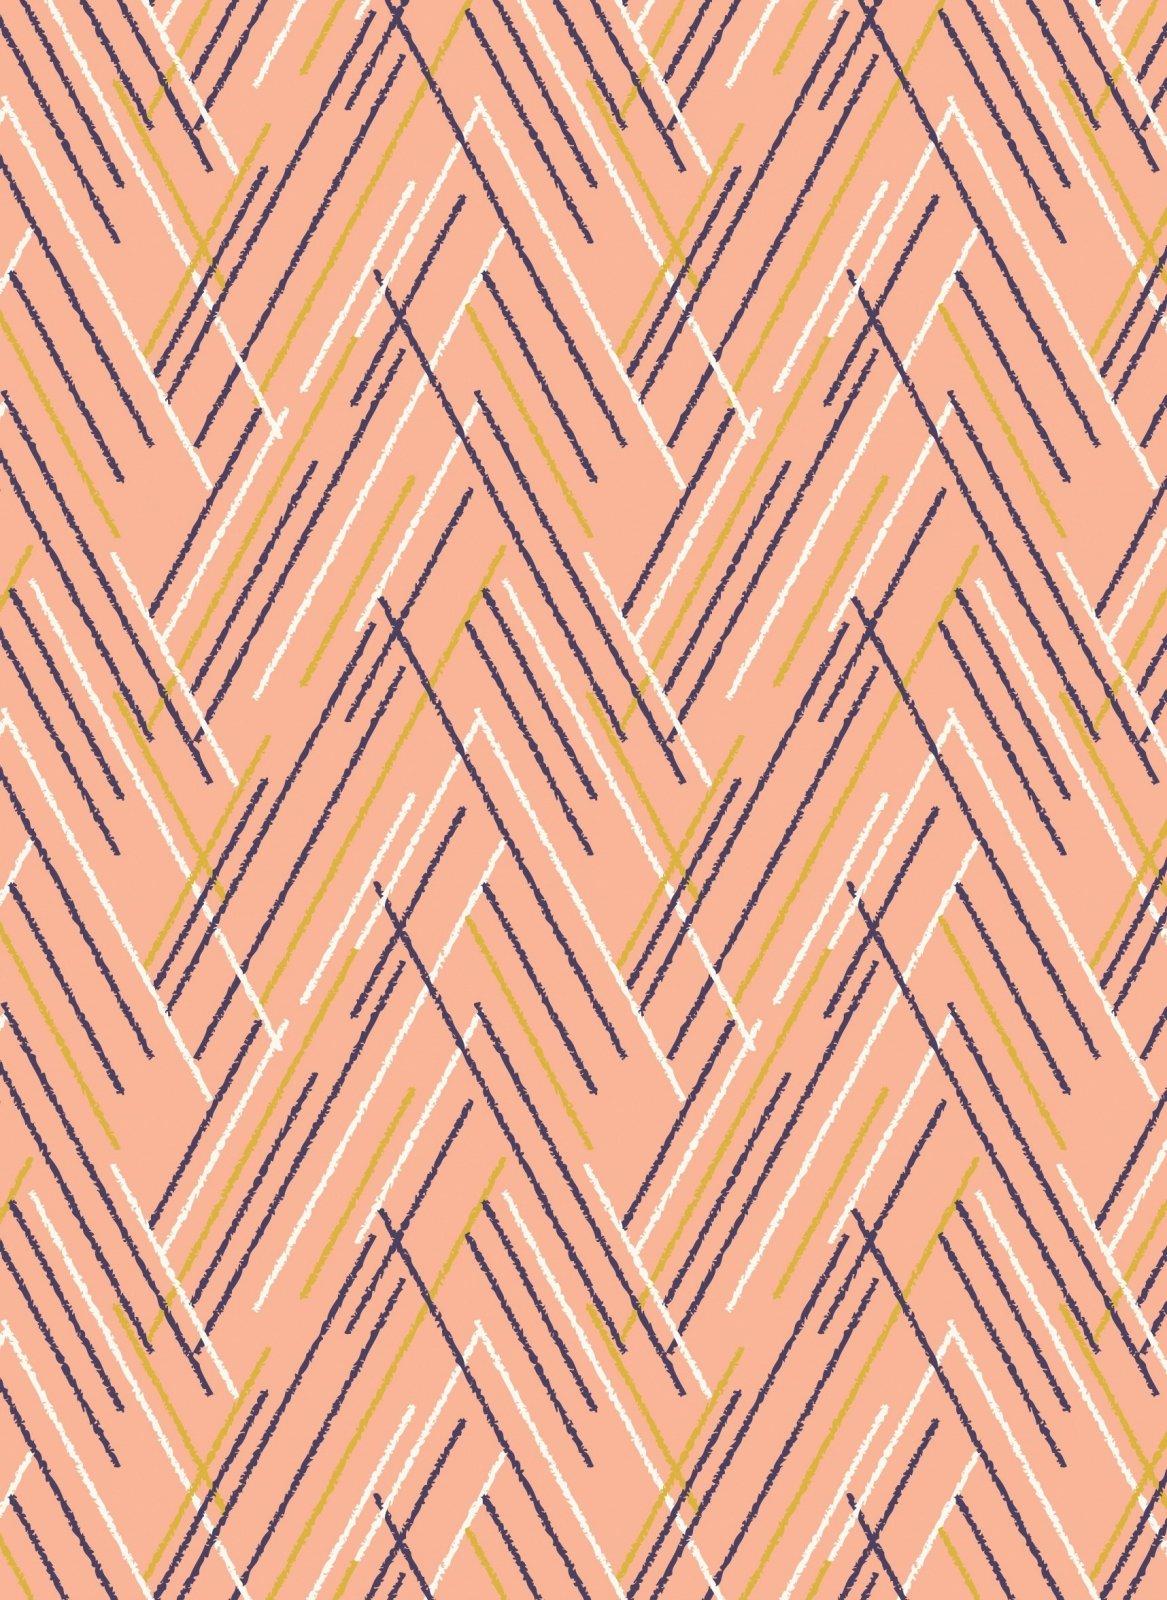 Autumn Rain Pink Chervon 4269